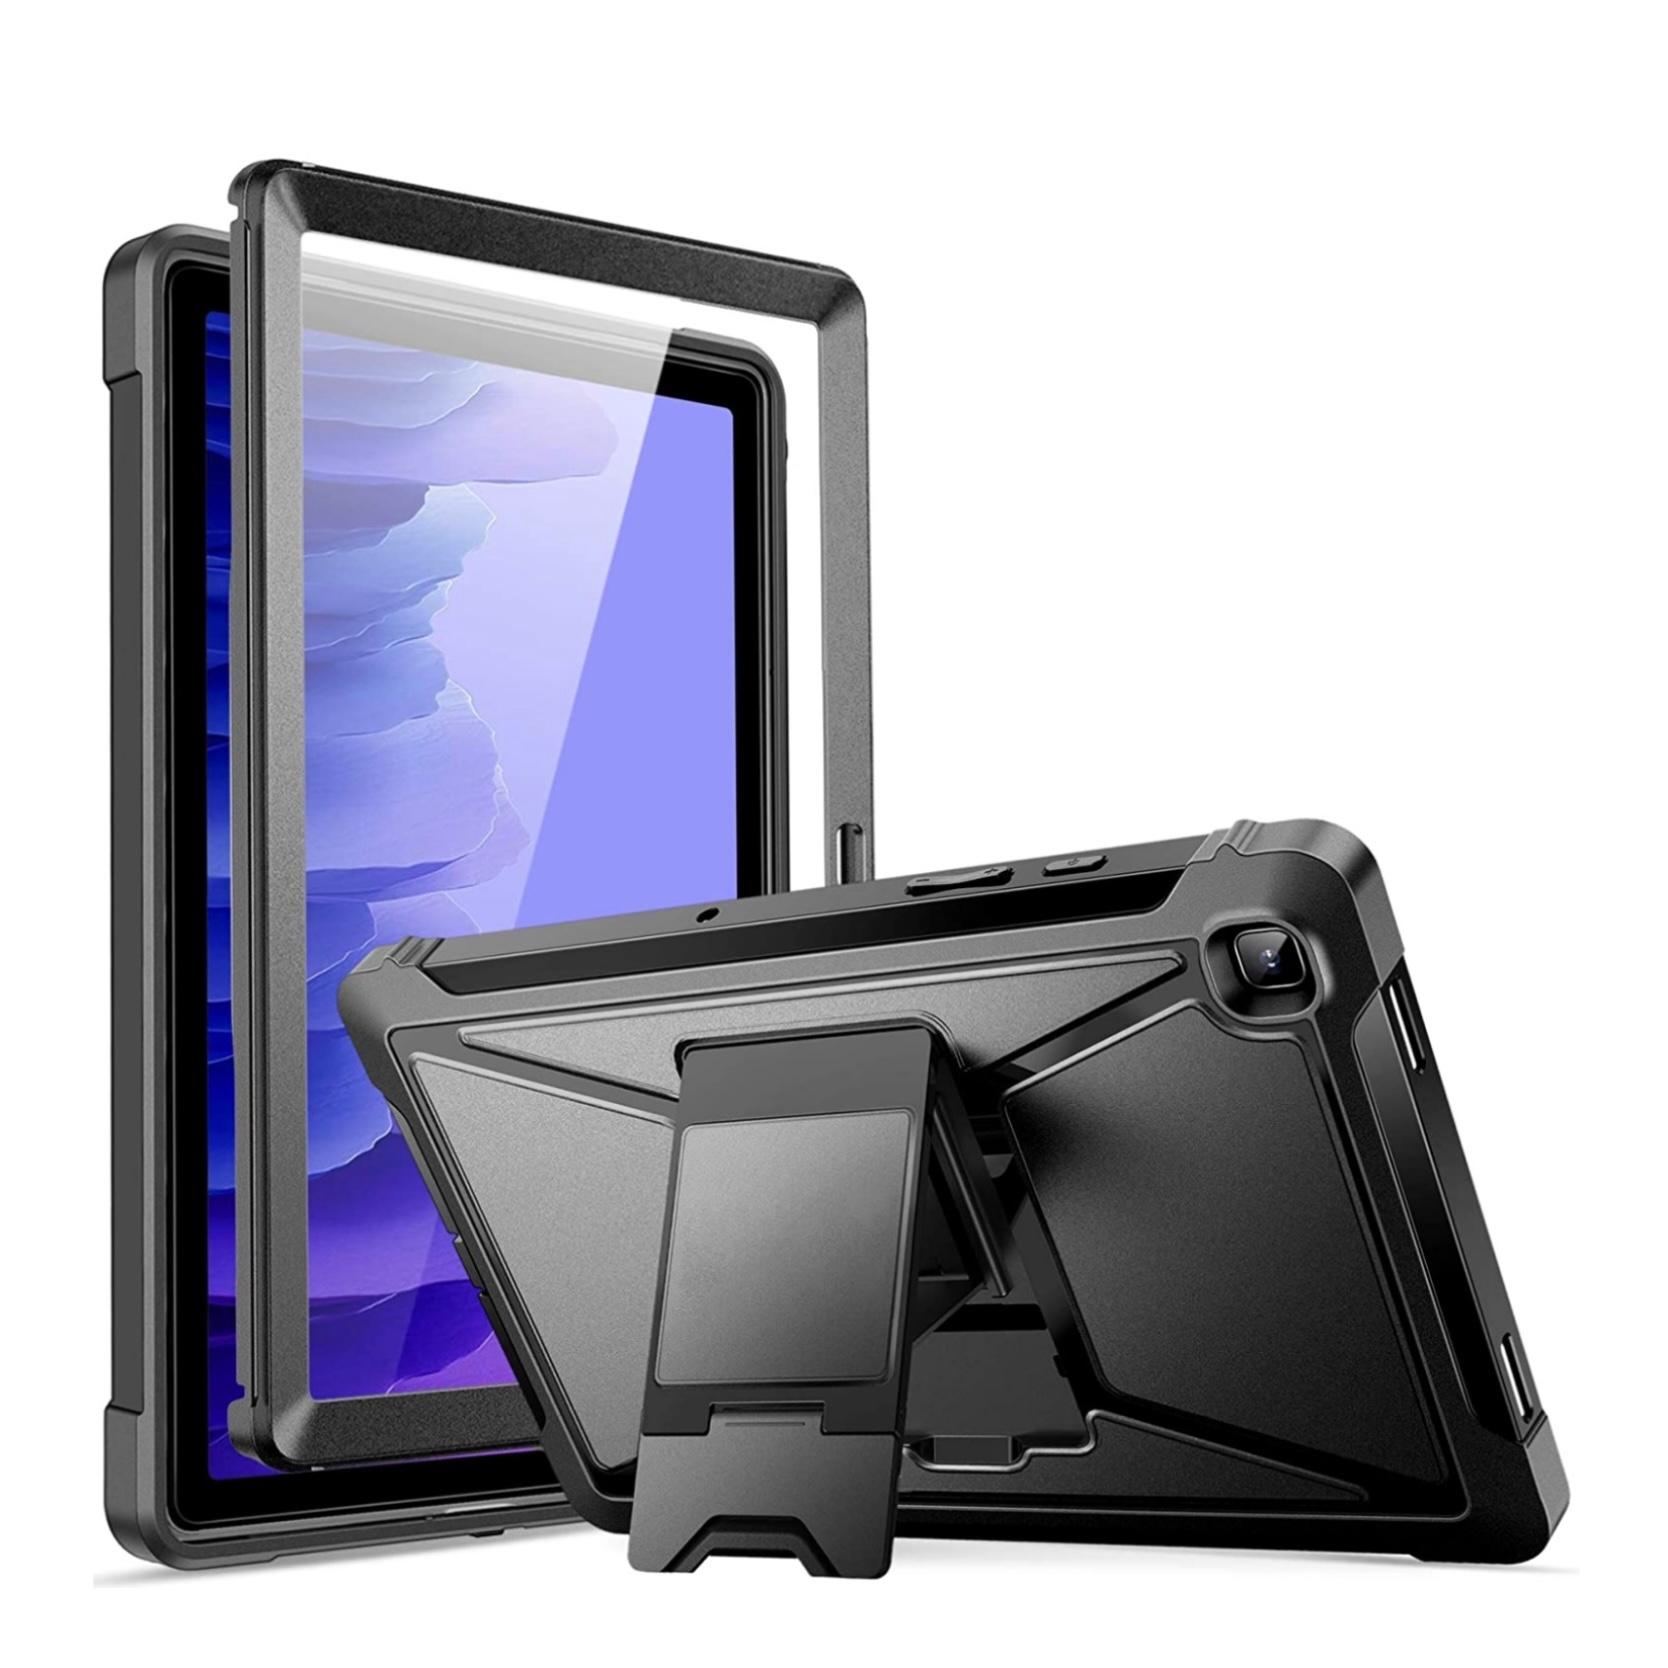 Galaxy TAB A7 10.4 pouces Coque de protection avec film rigide ecran et pied PRO TAB